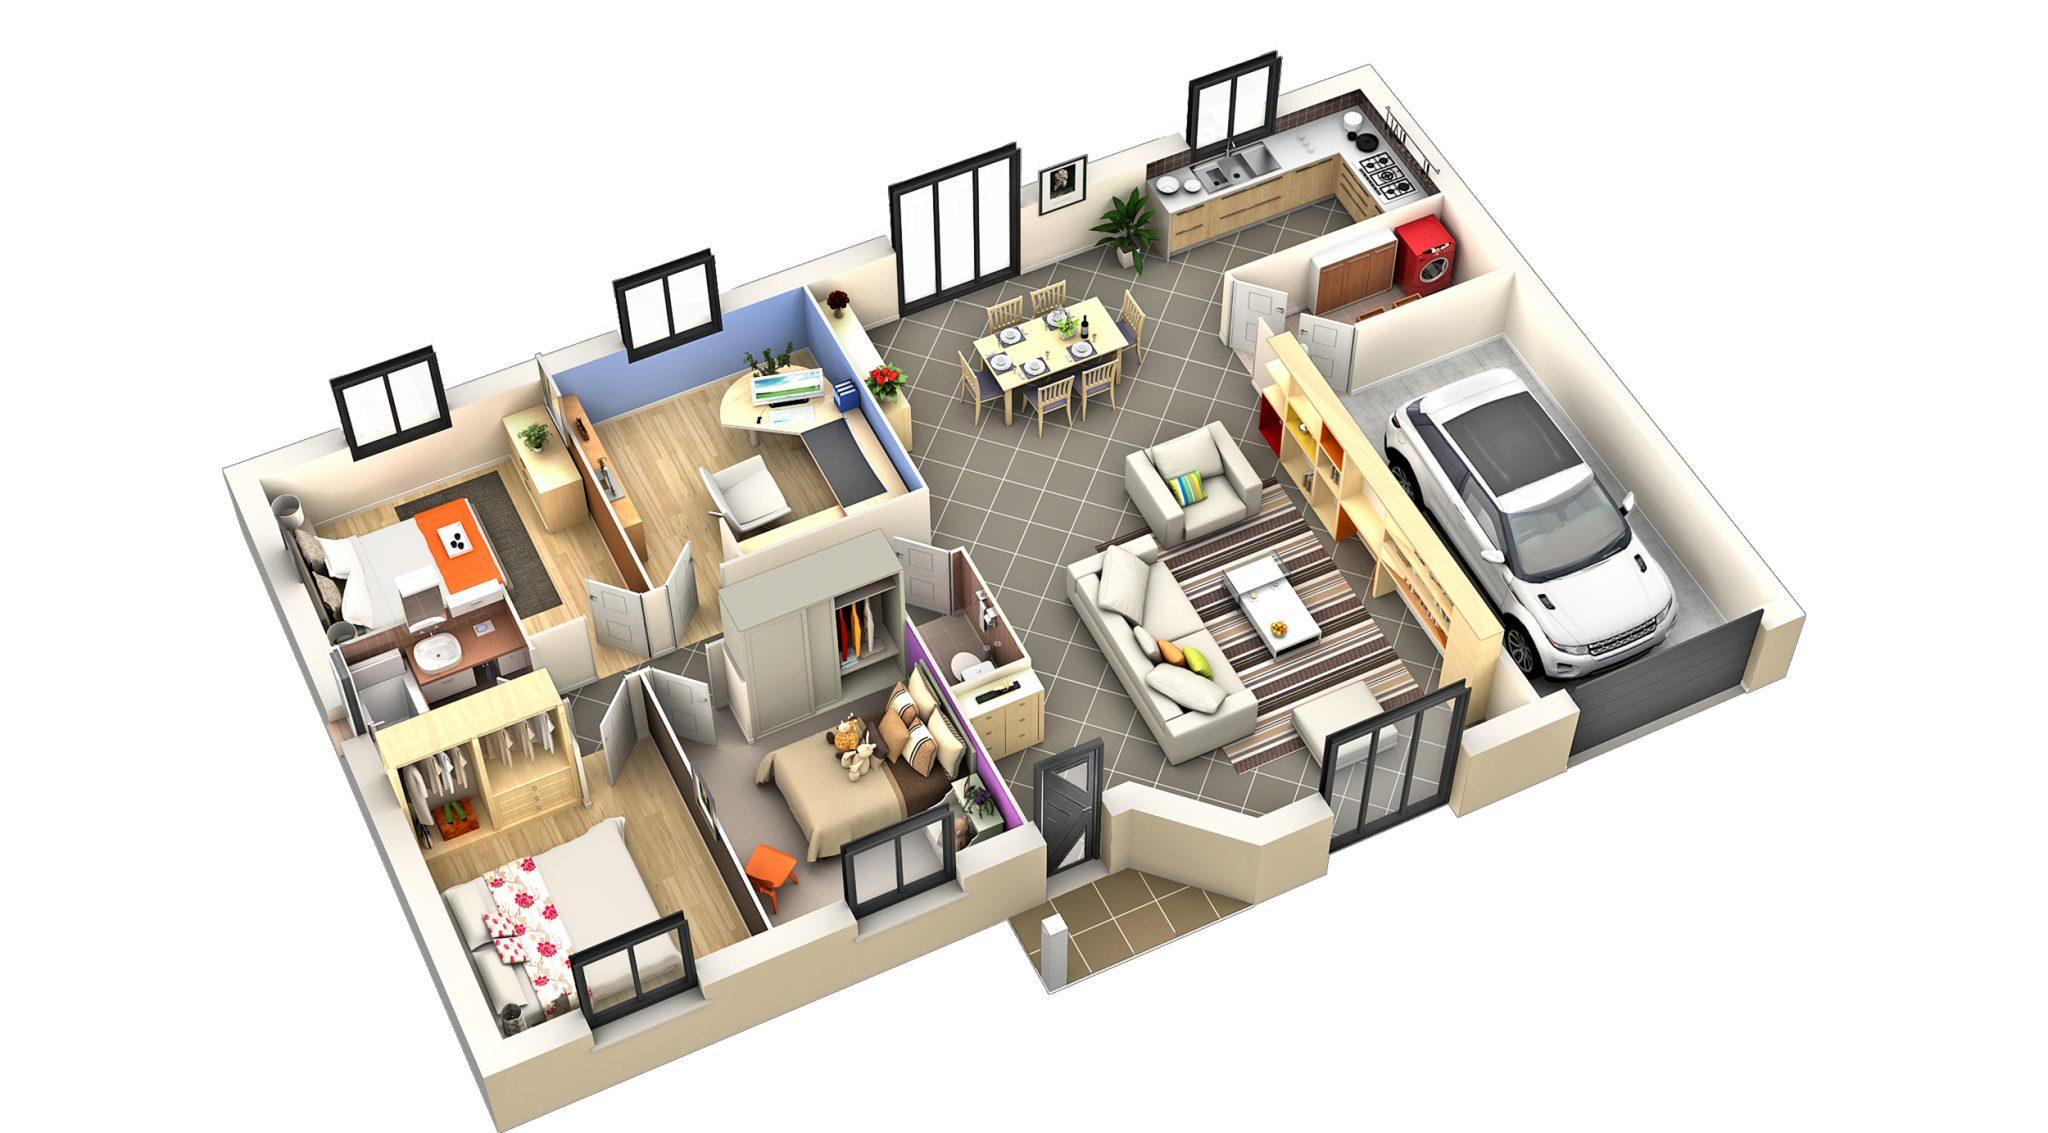 Plan interieur maison plain pied l 39 impression 3d - Dessin d interieur de maison ...